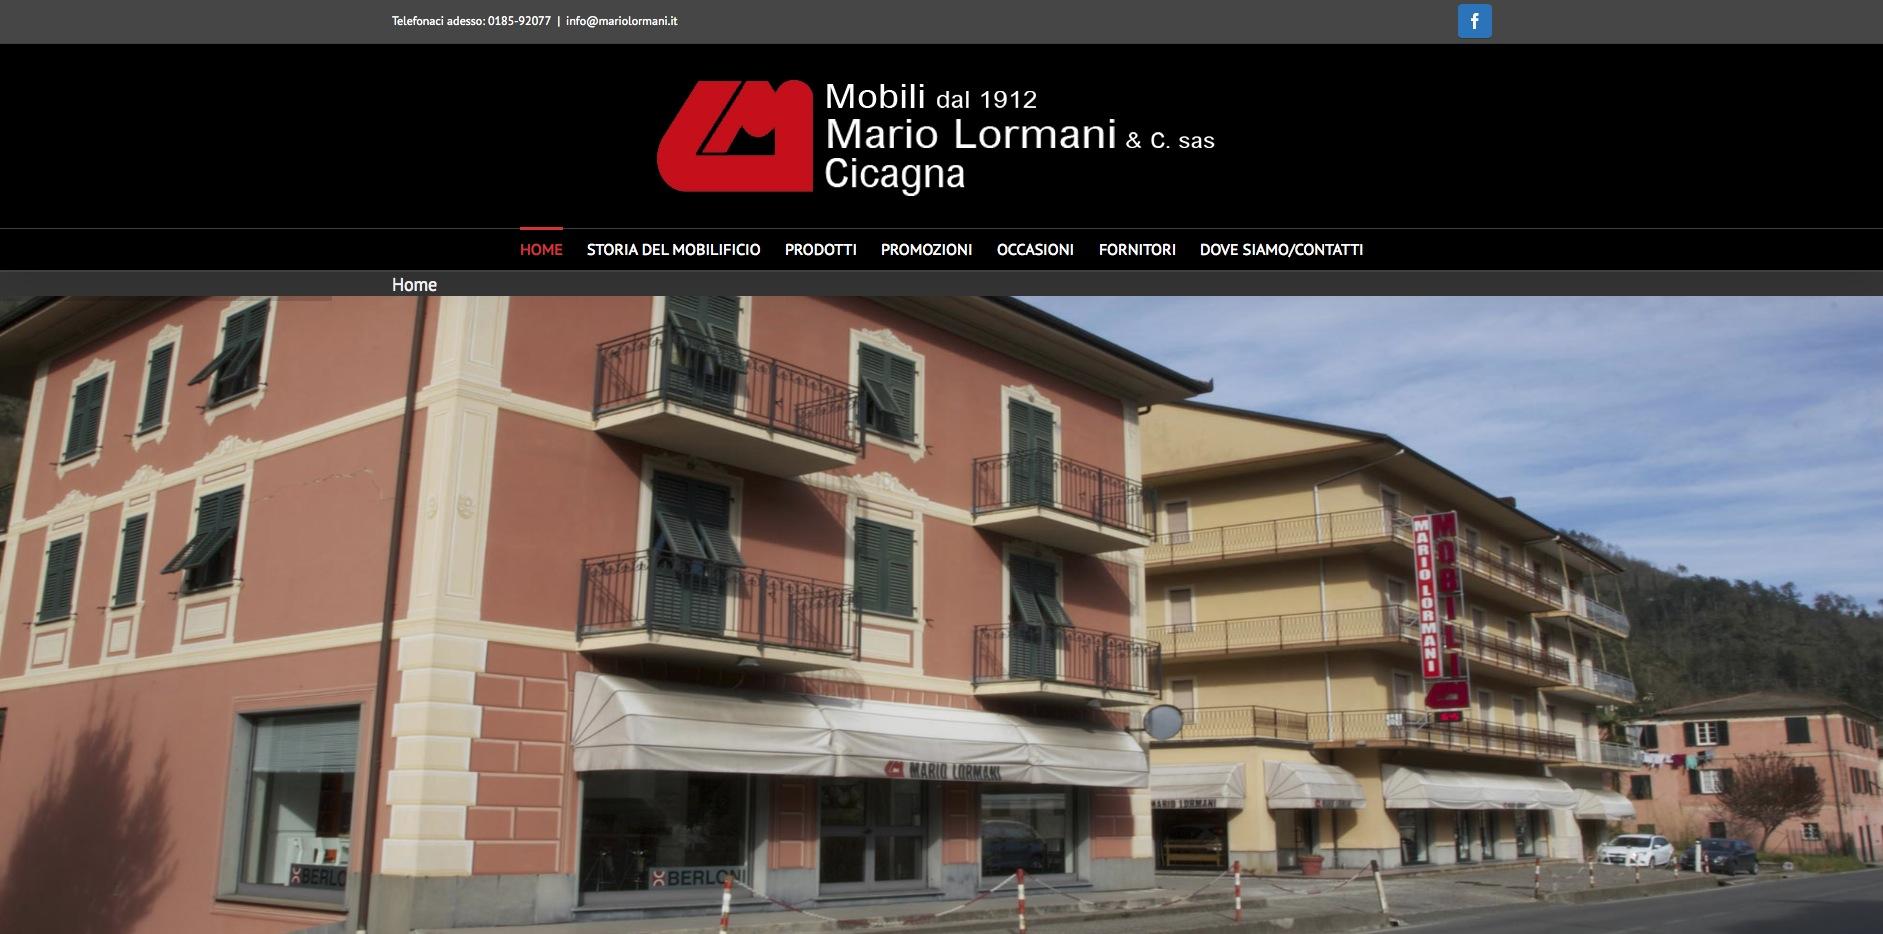 realizzazione sito web mario lormani mobili cicagna